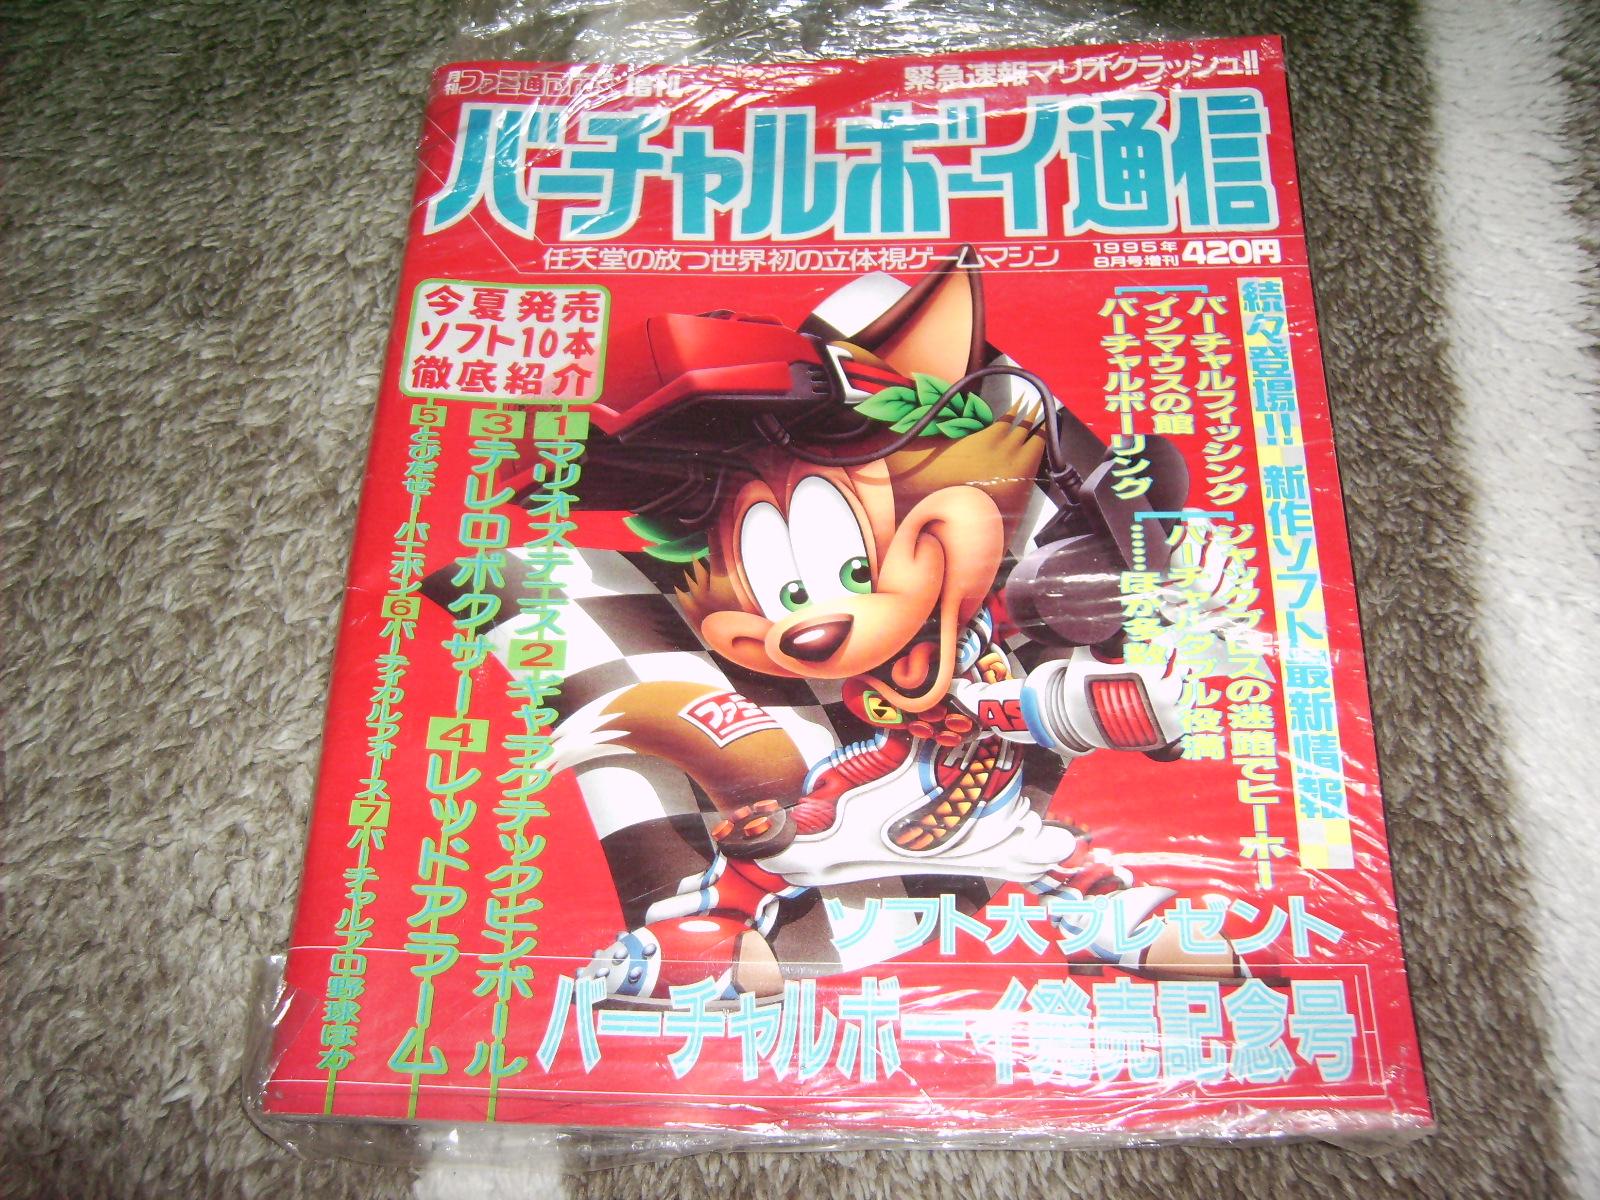 http://livedoor.2.blogimg.jp/okey_dokey7-2ch/imgs/a/6/a6b3bdaa.jpg